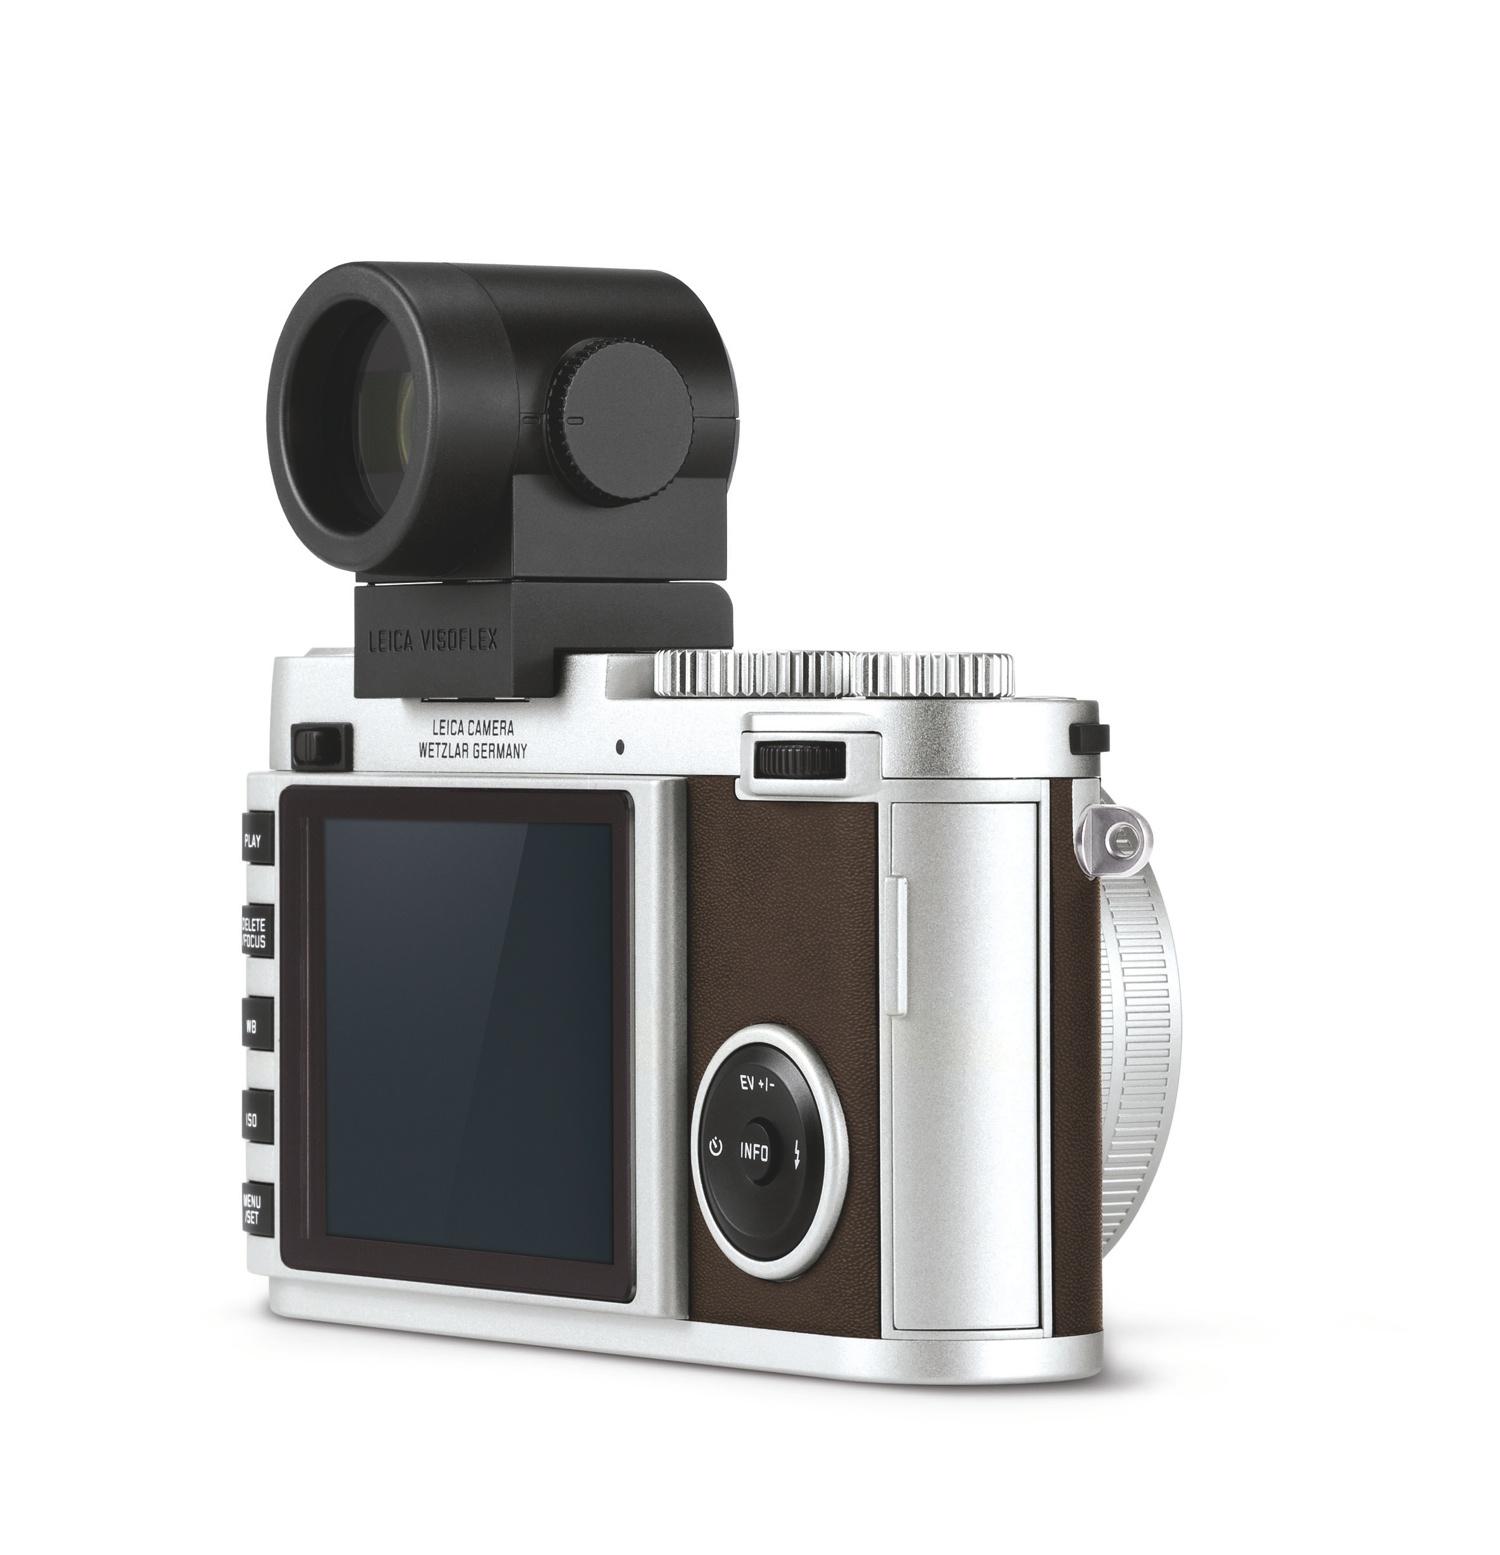 Leica X_silver_visoflex.jpg